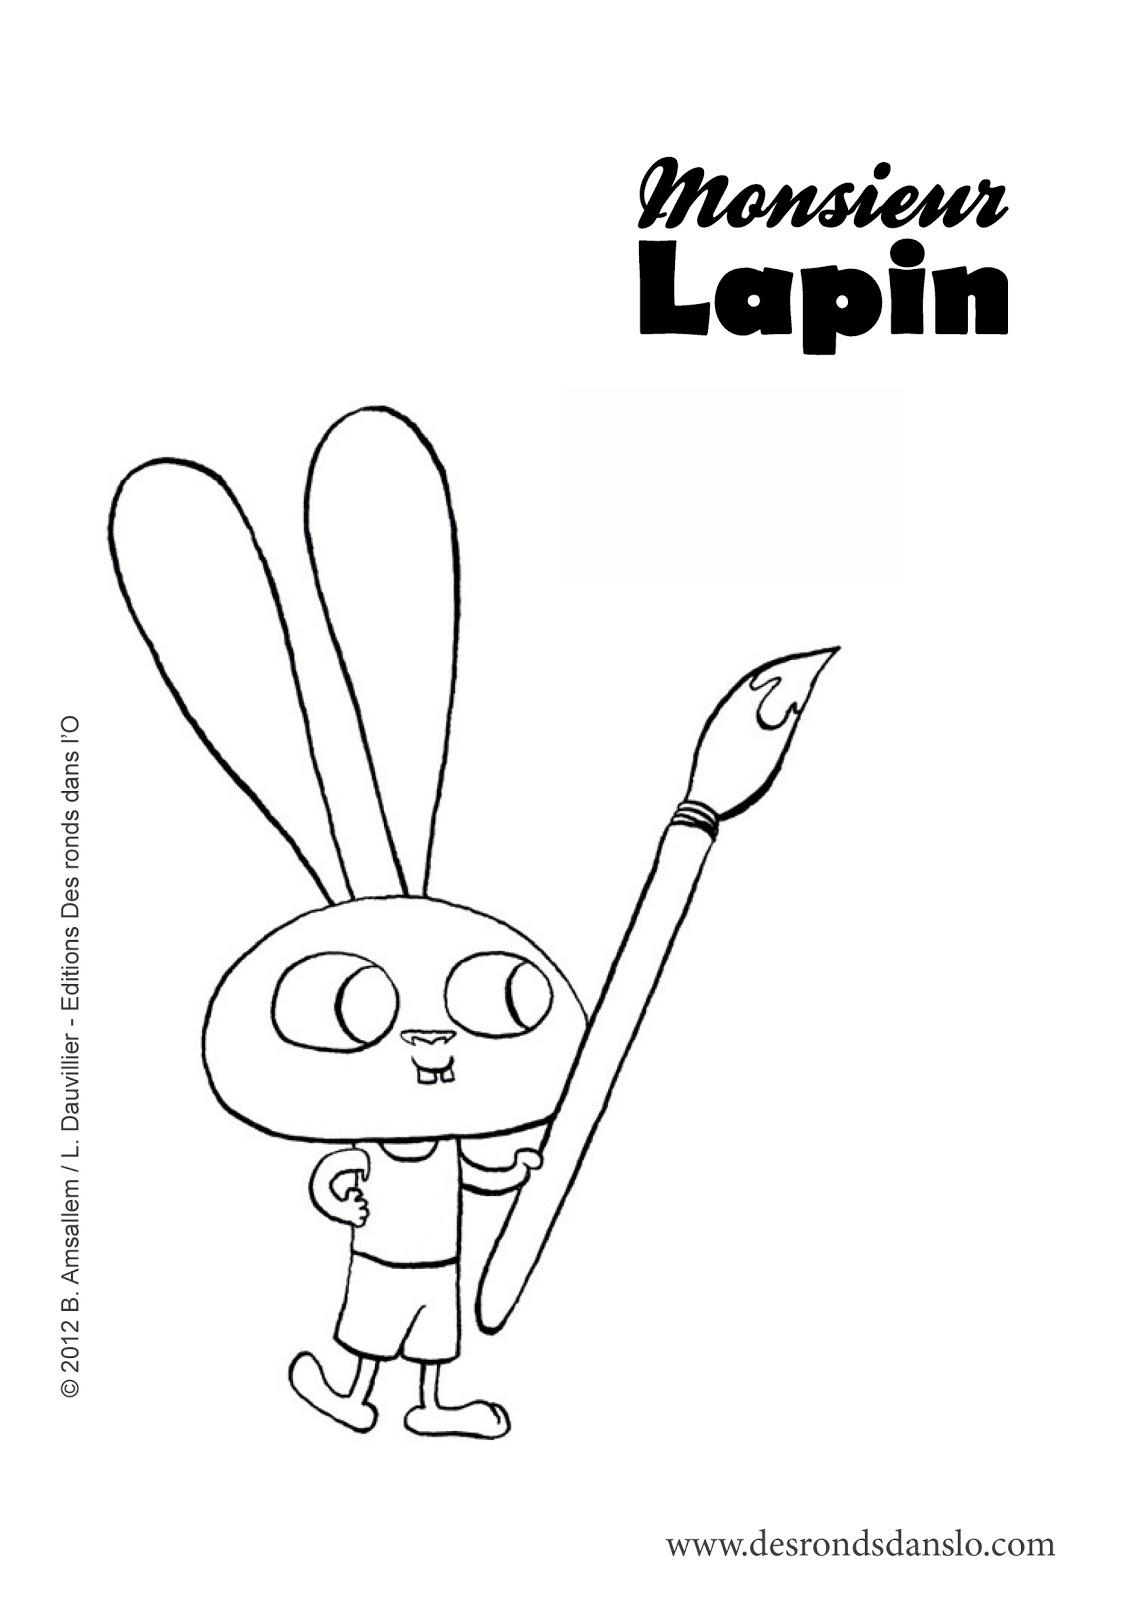 Coloriage Lapins à imprimer Coloriage à imprimer - coloriage lapin à imprimer